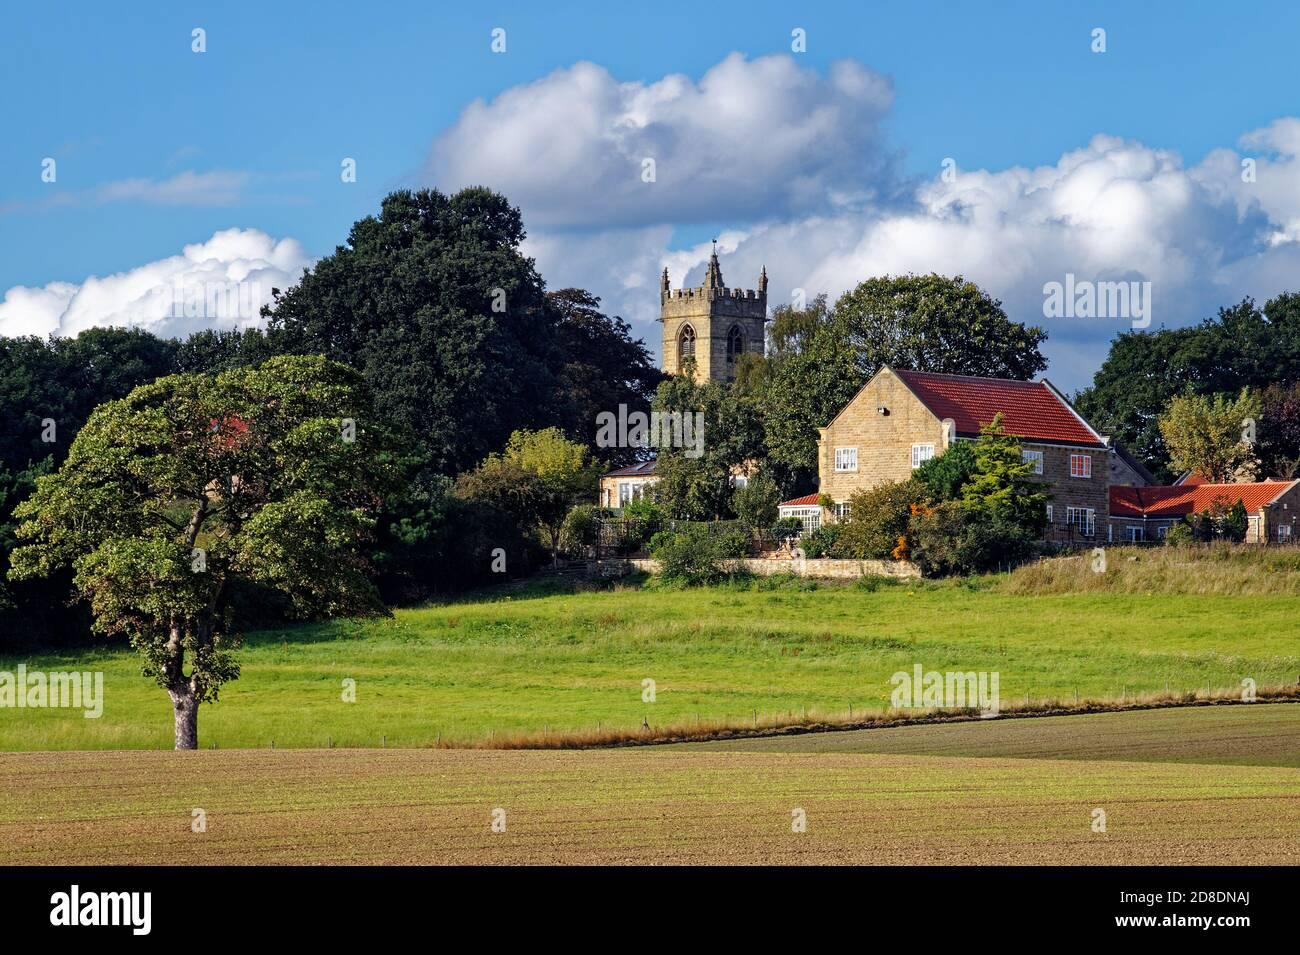 Reino Unido, Yorkshire del Sur, Barnburgh, Iglesia de San Pedro y la campiña circundante Foto de stock